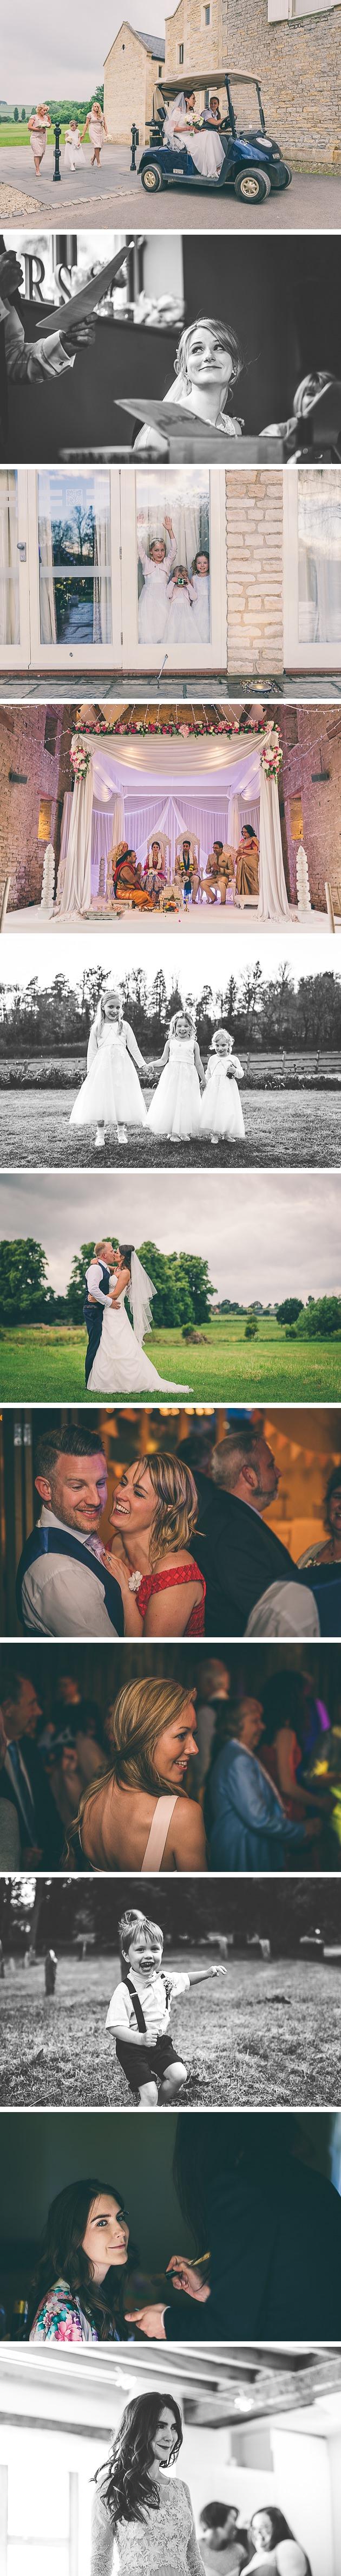 Marquee wedding near Stratford upon Avon